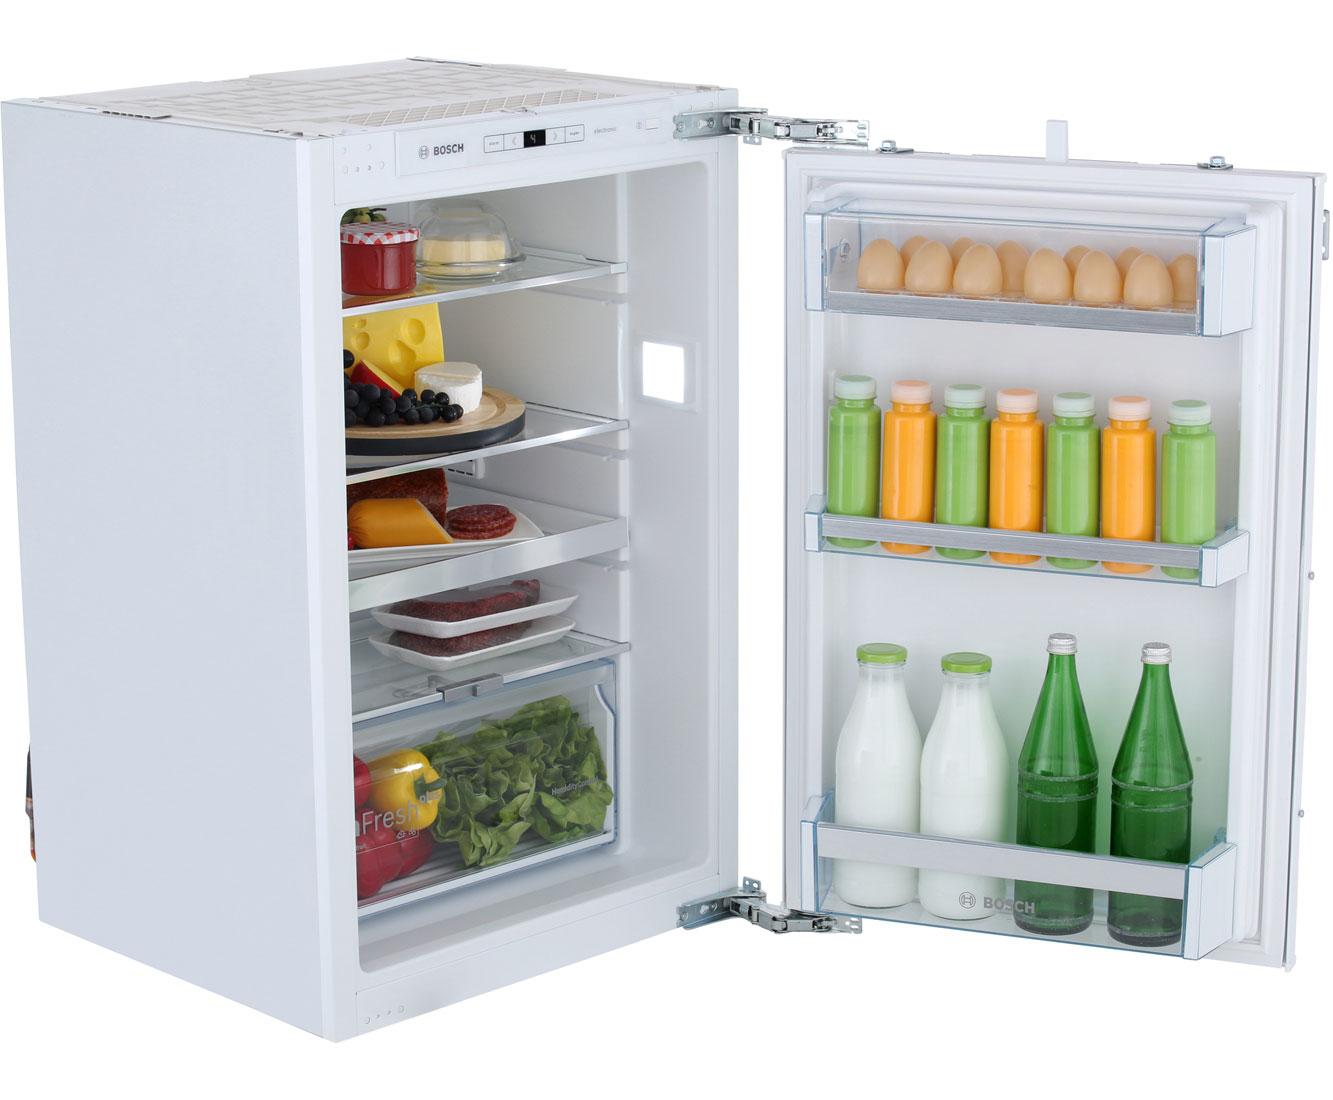 Bosch Kühlschrank Scharnier : Bosch kühlschrank scharnier preisvergleich u die besten angebote